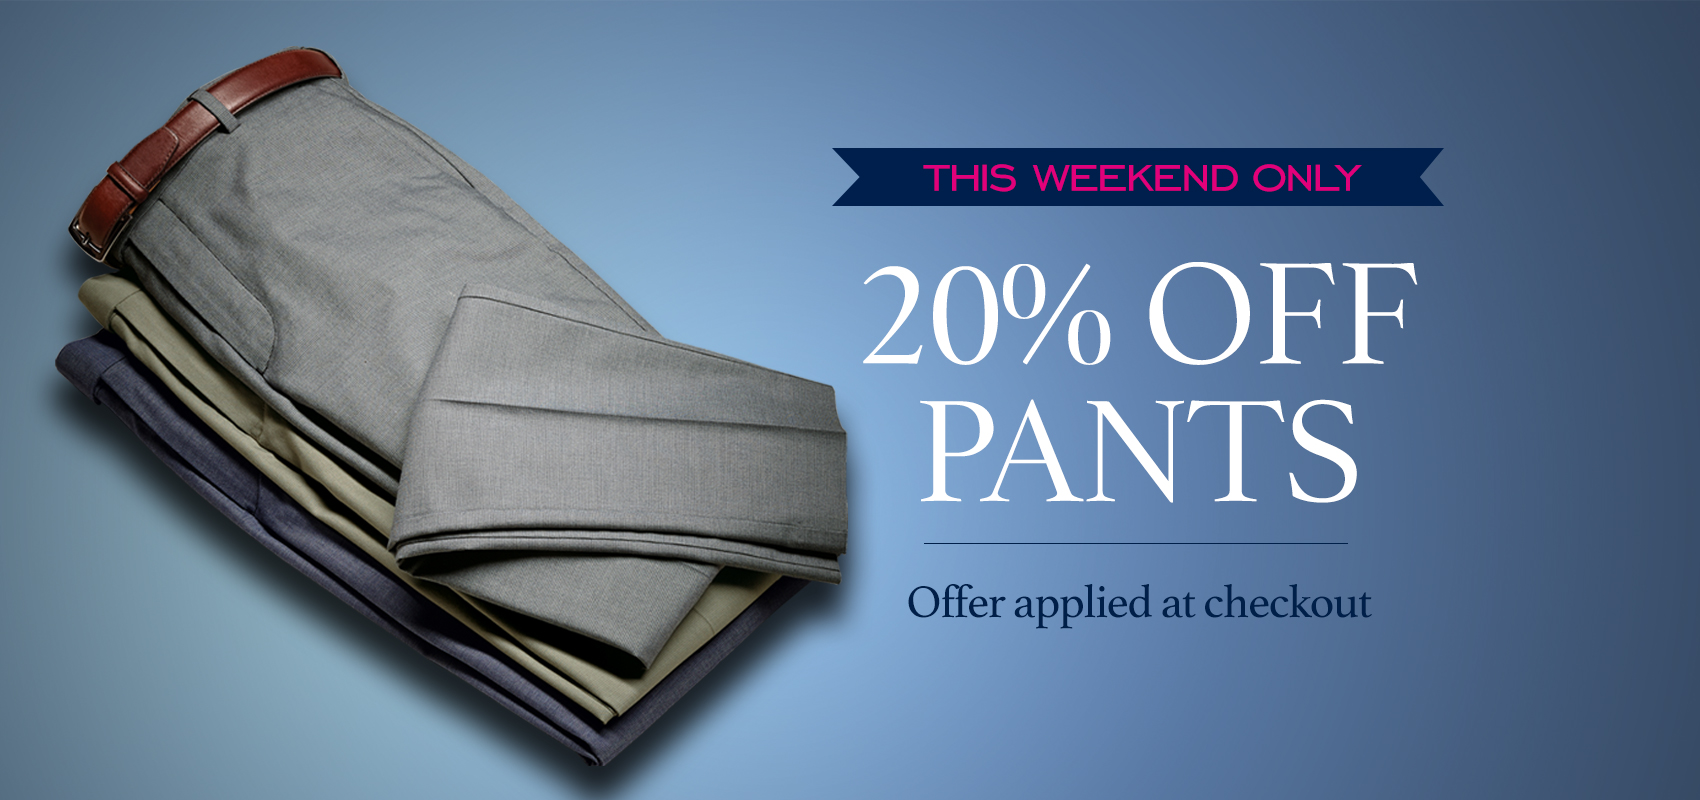 Charles Tyrwhitt 20% off pants